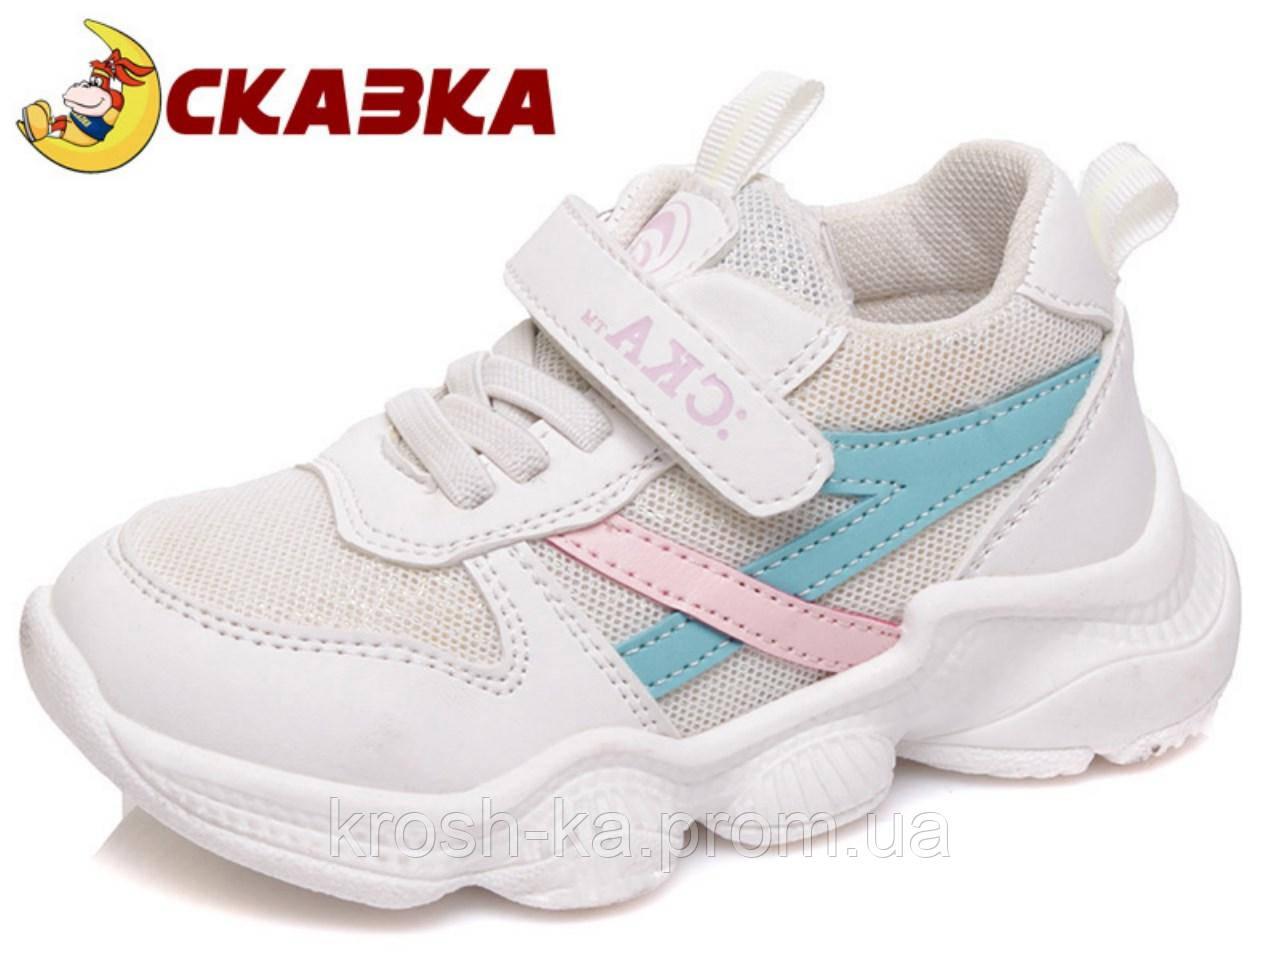 Кроссовки для девочки (22,23)р текстиль белый Weestep Китай R926733335 W